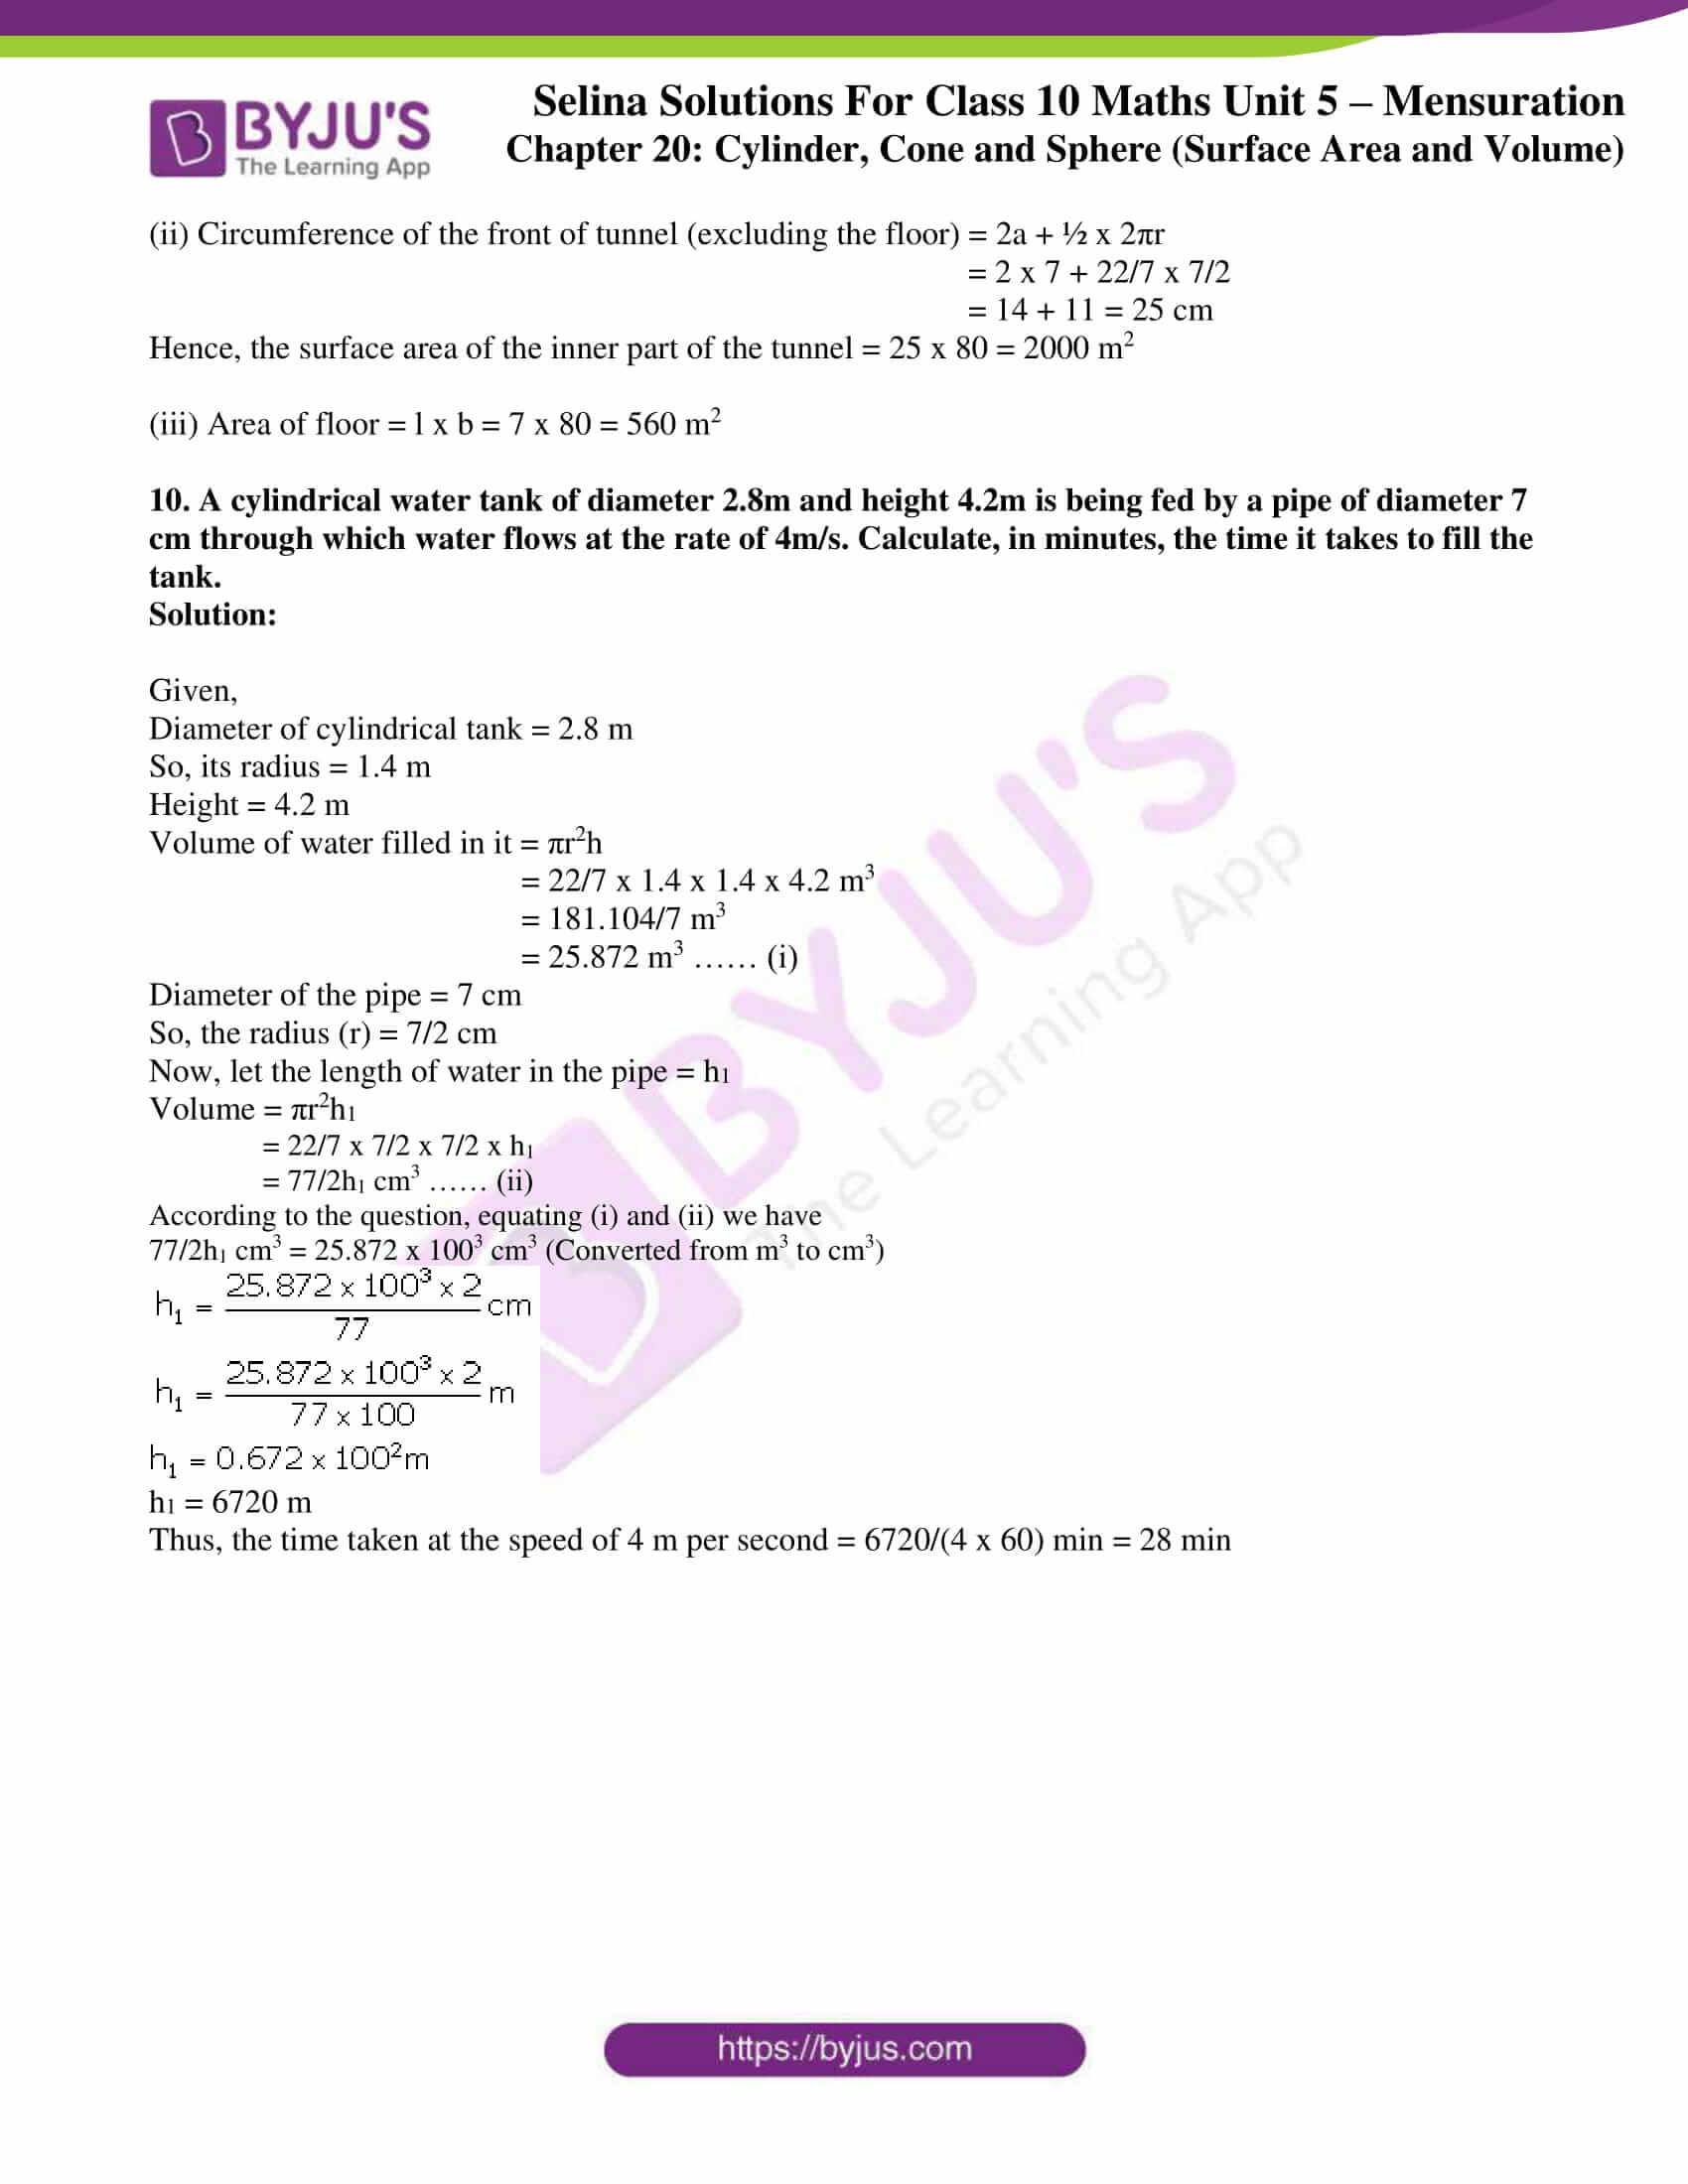 selina-sol-maths-class-10-ch-20-ex-g-5